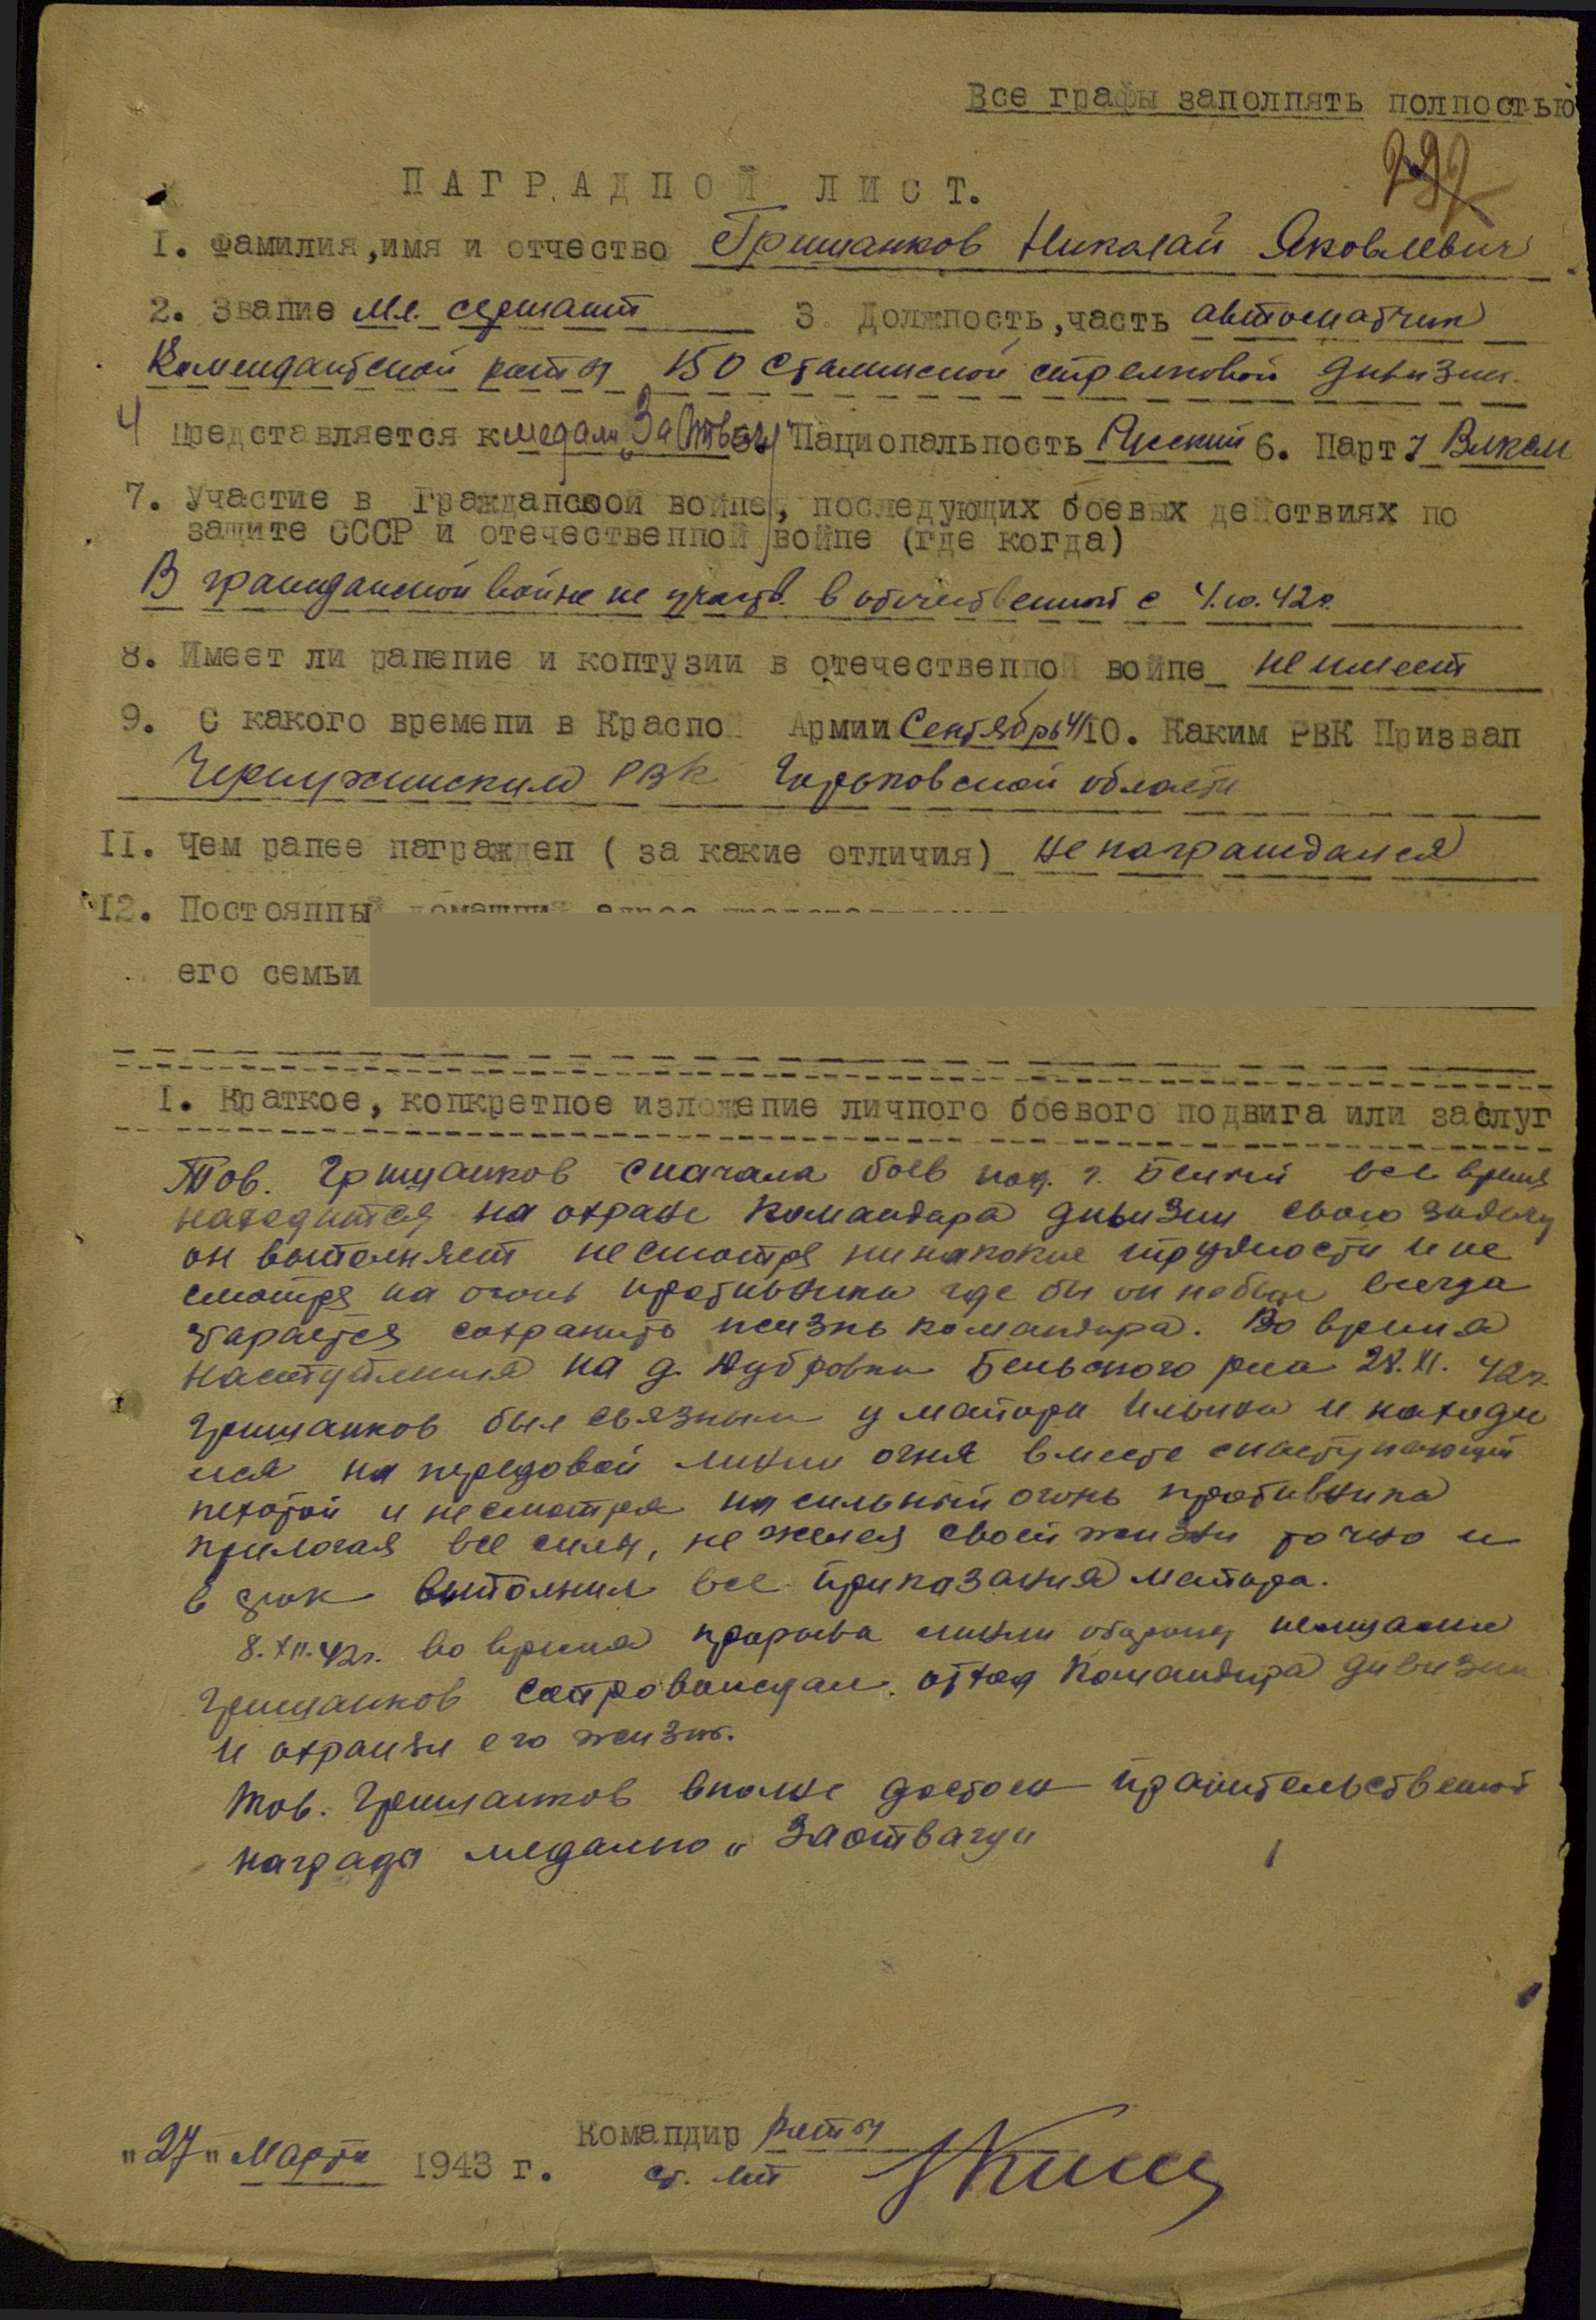 Наградной лист Гришанкова Николая Яковлевича к медали за отвагу